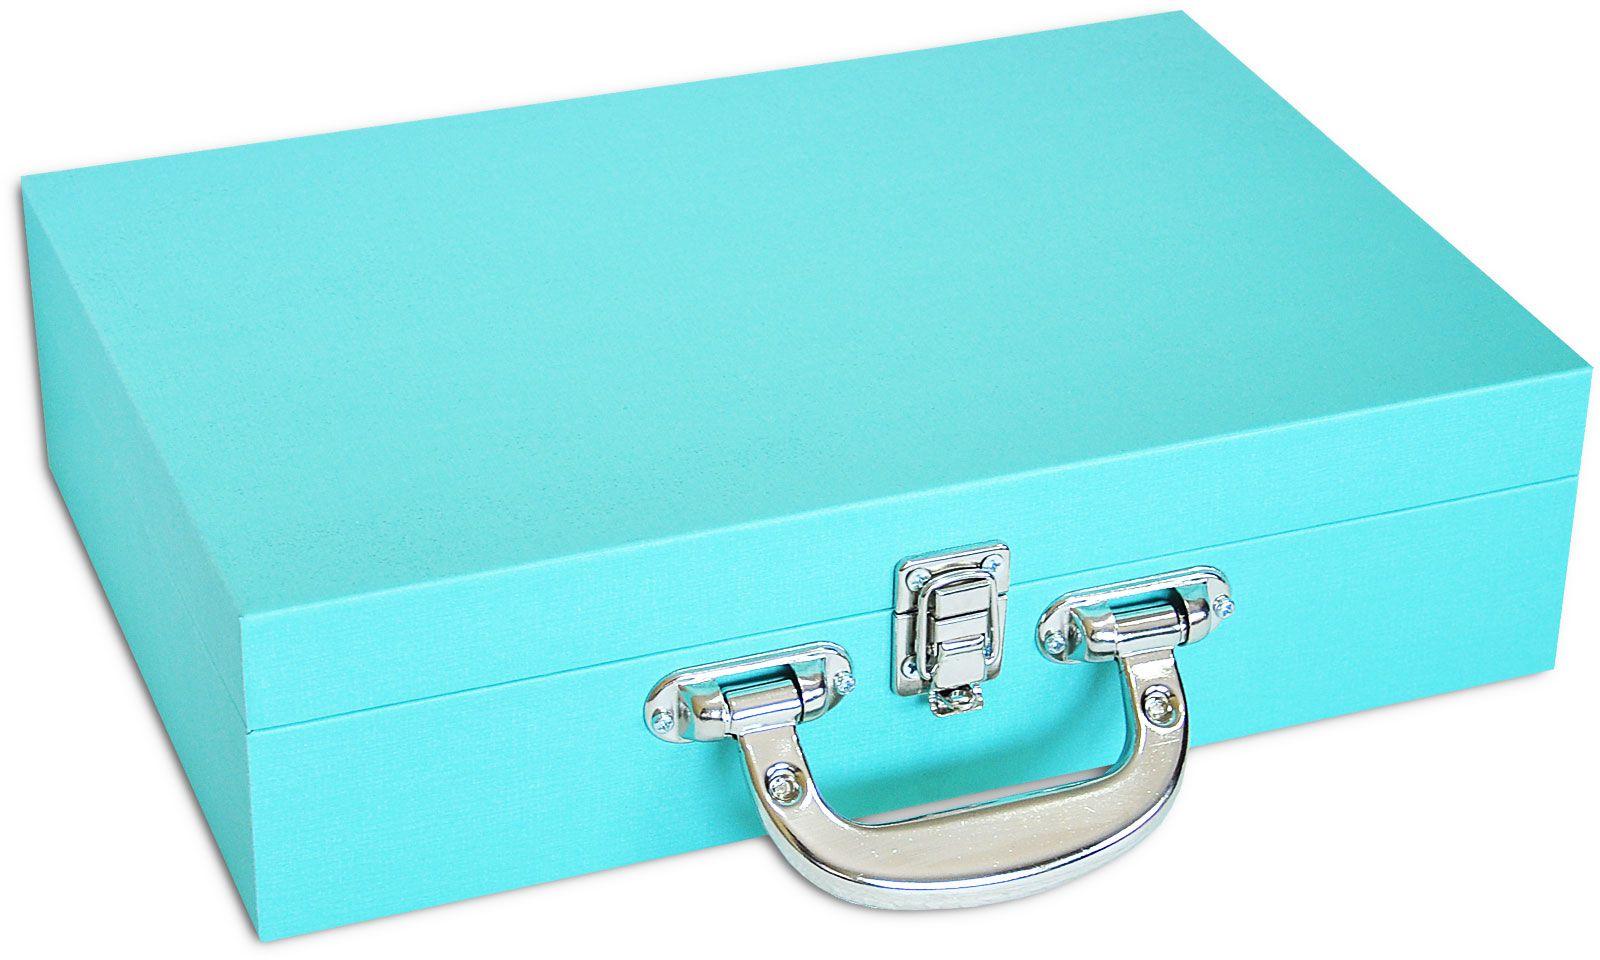 Maleta / Porta Joias Grande Duplo - Tiffany Blue